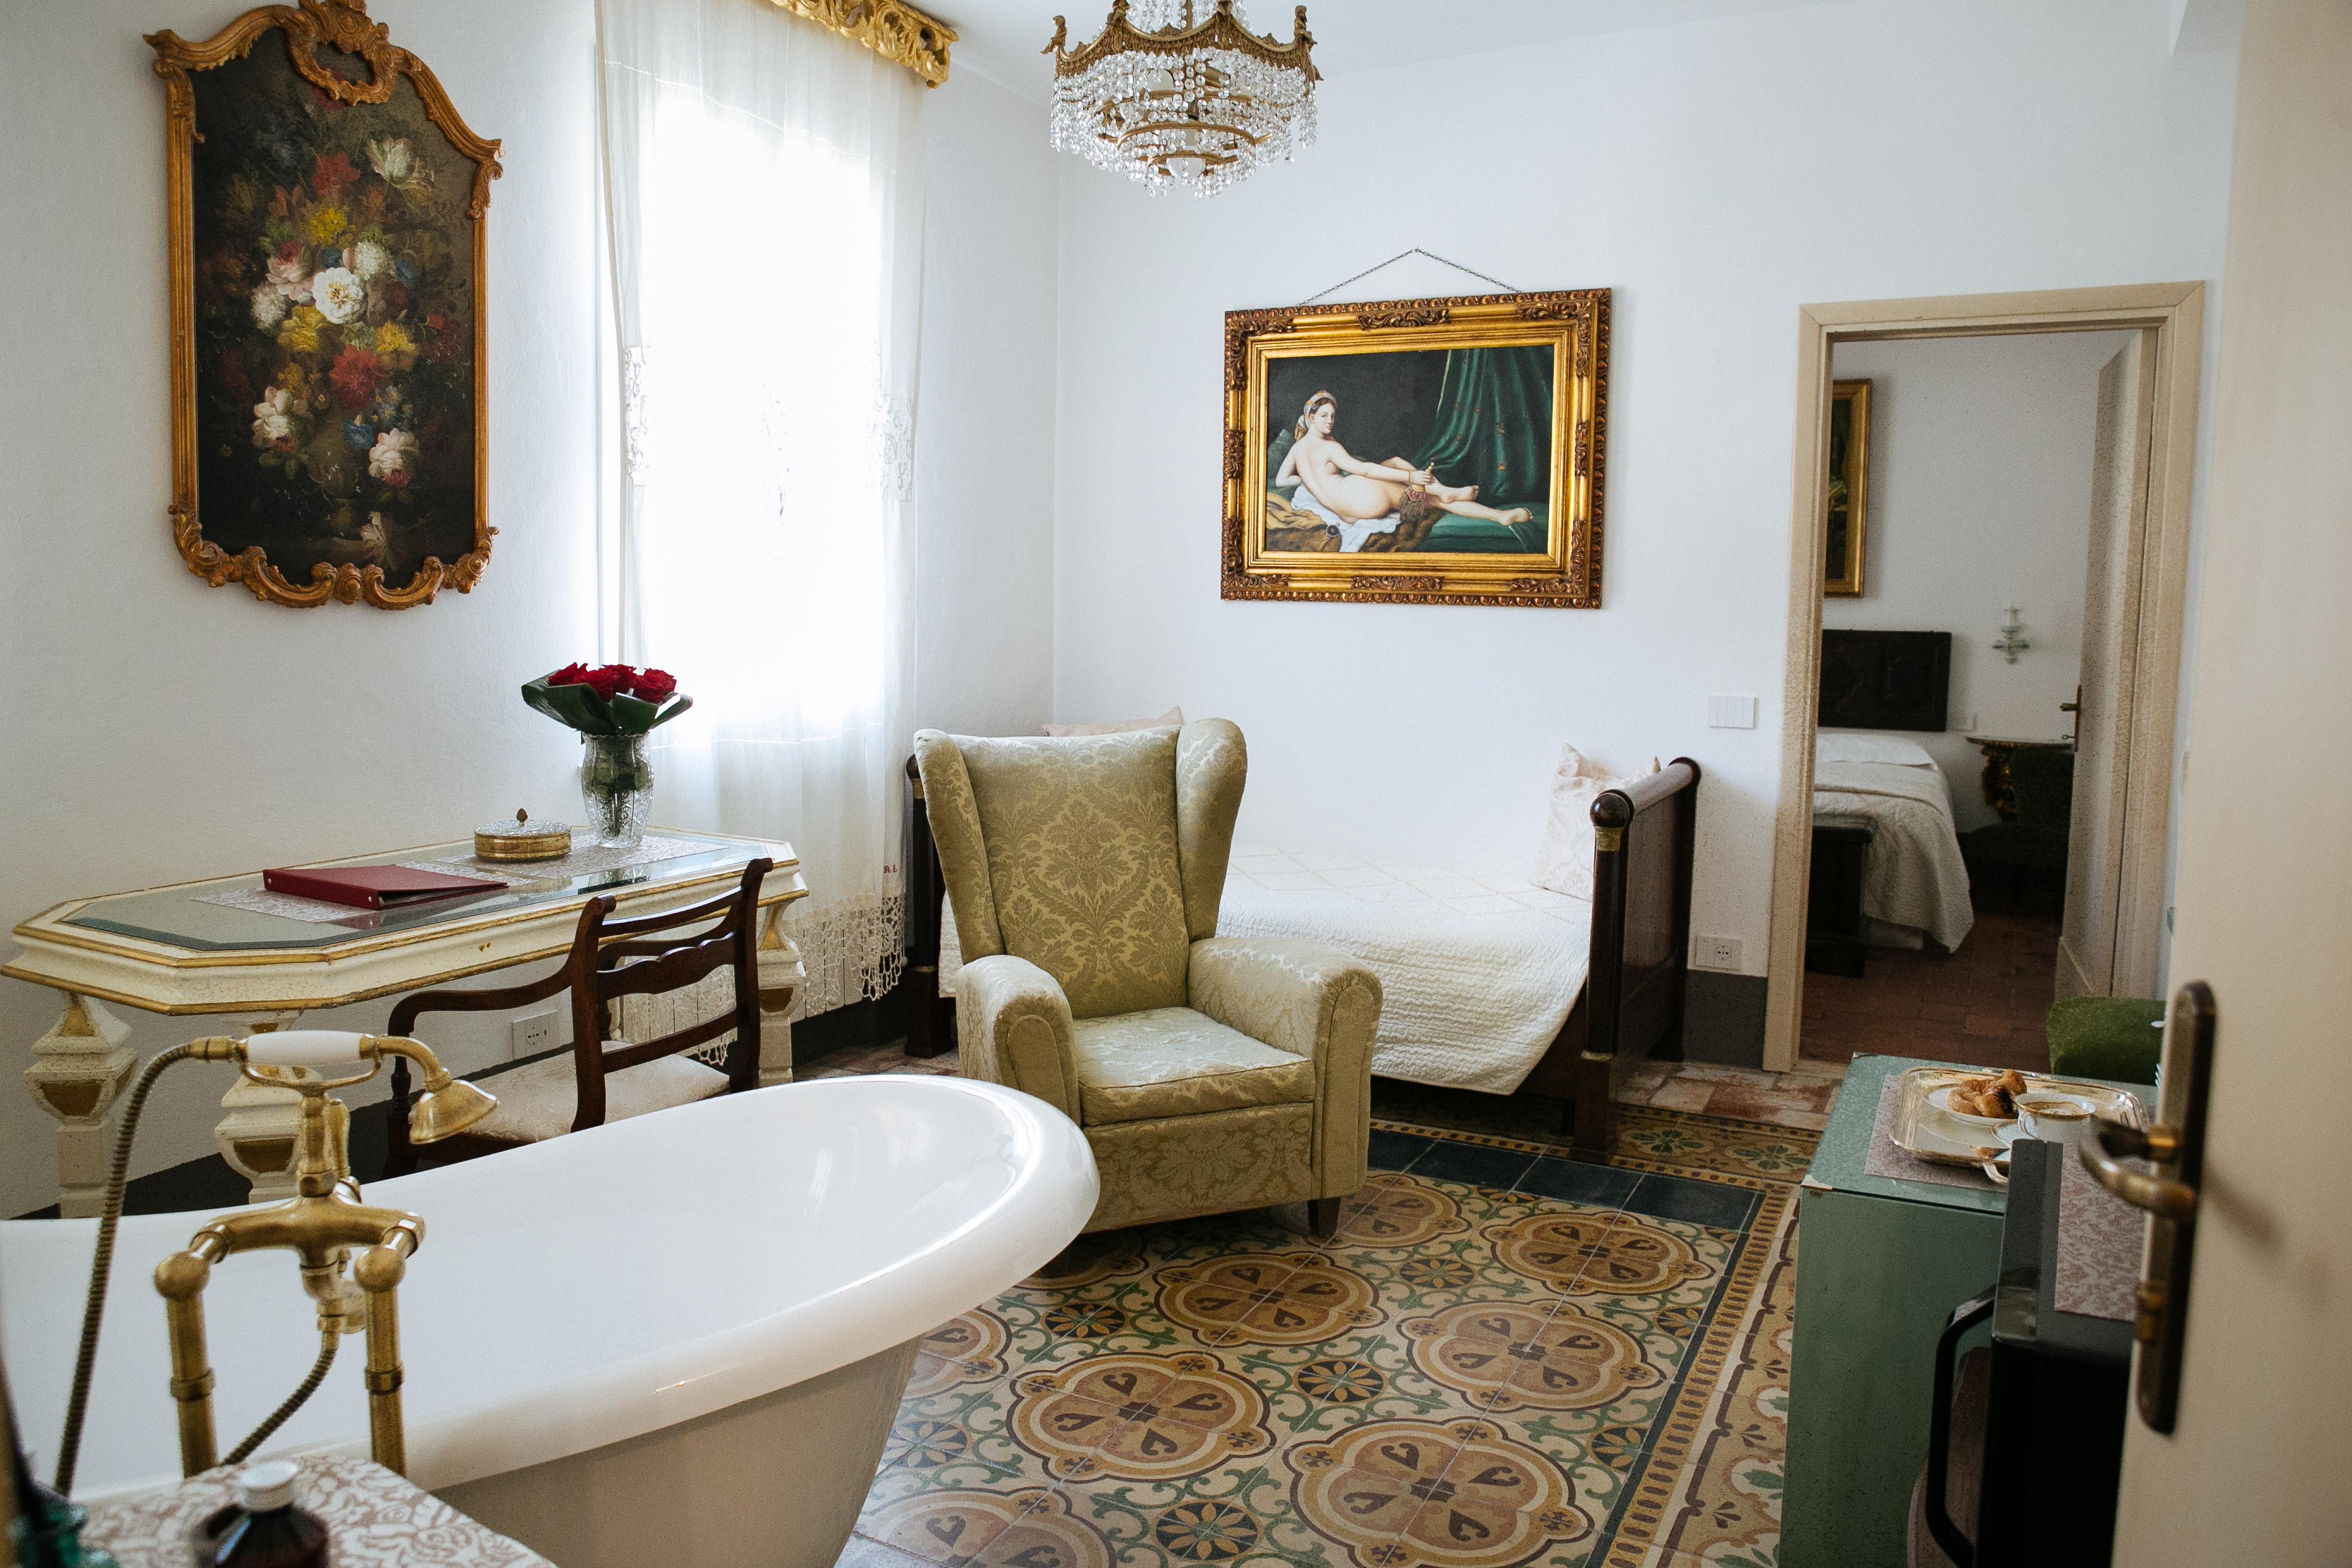 Elegante suite al mare in toscana attrezzata con macchina del caffe e microonde